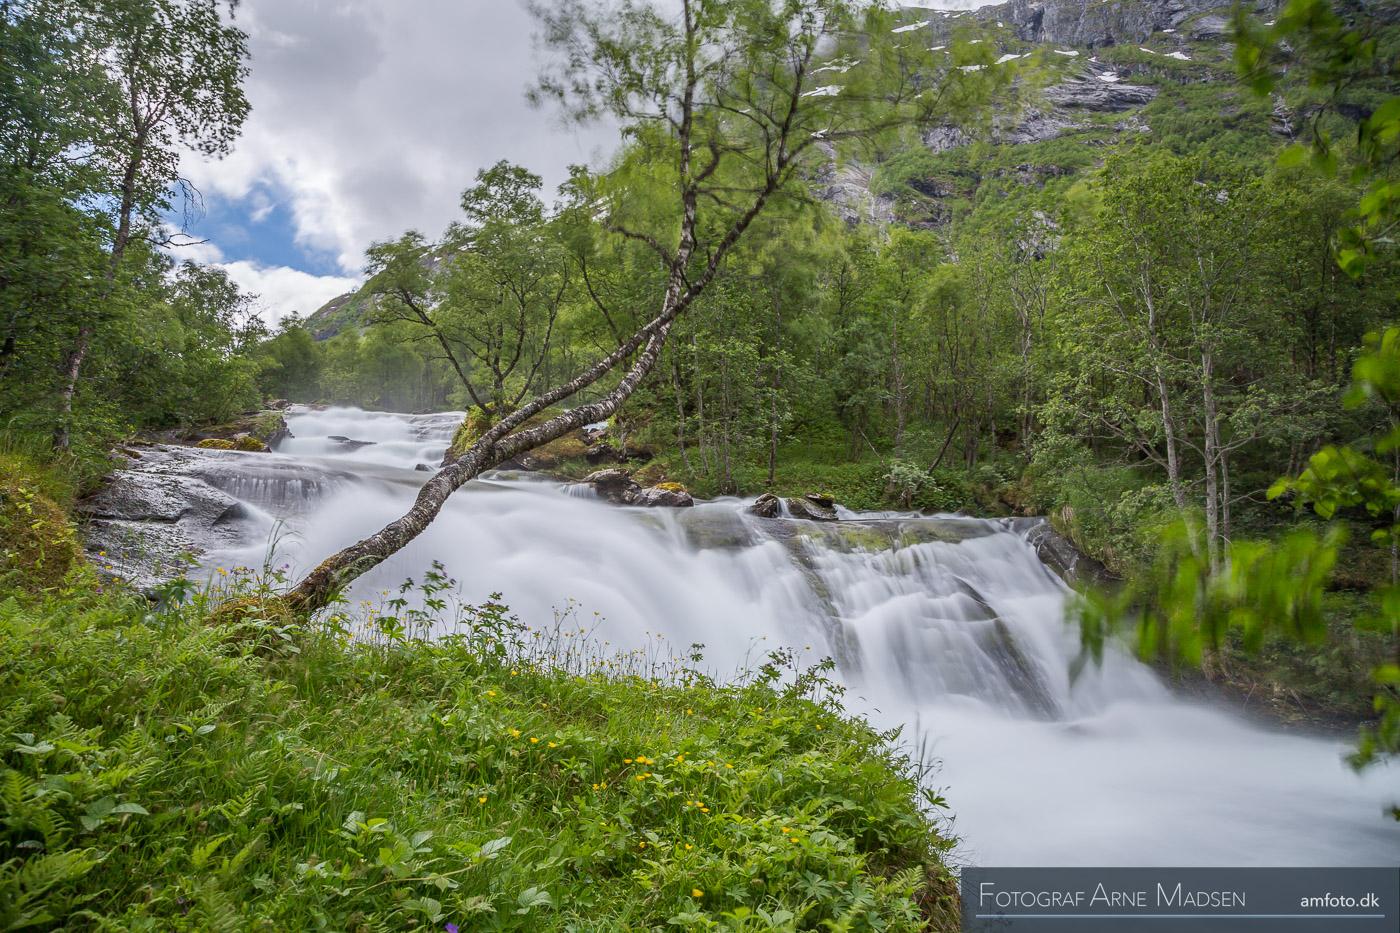 AMFOTO_2016_Norge_Hellesylt-296